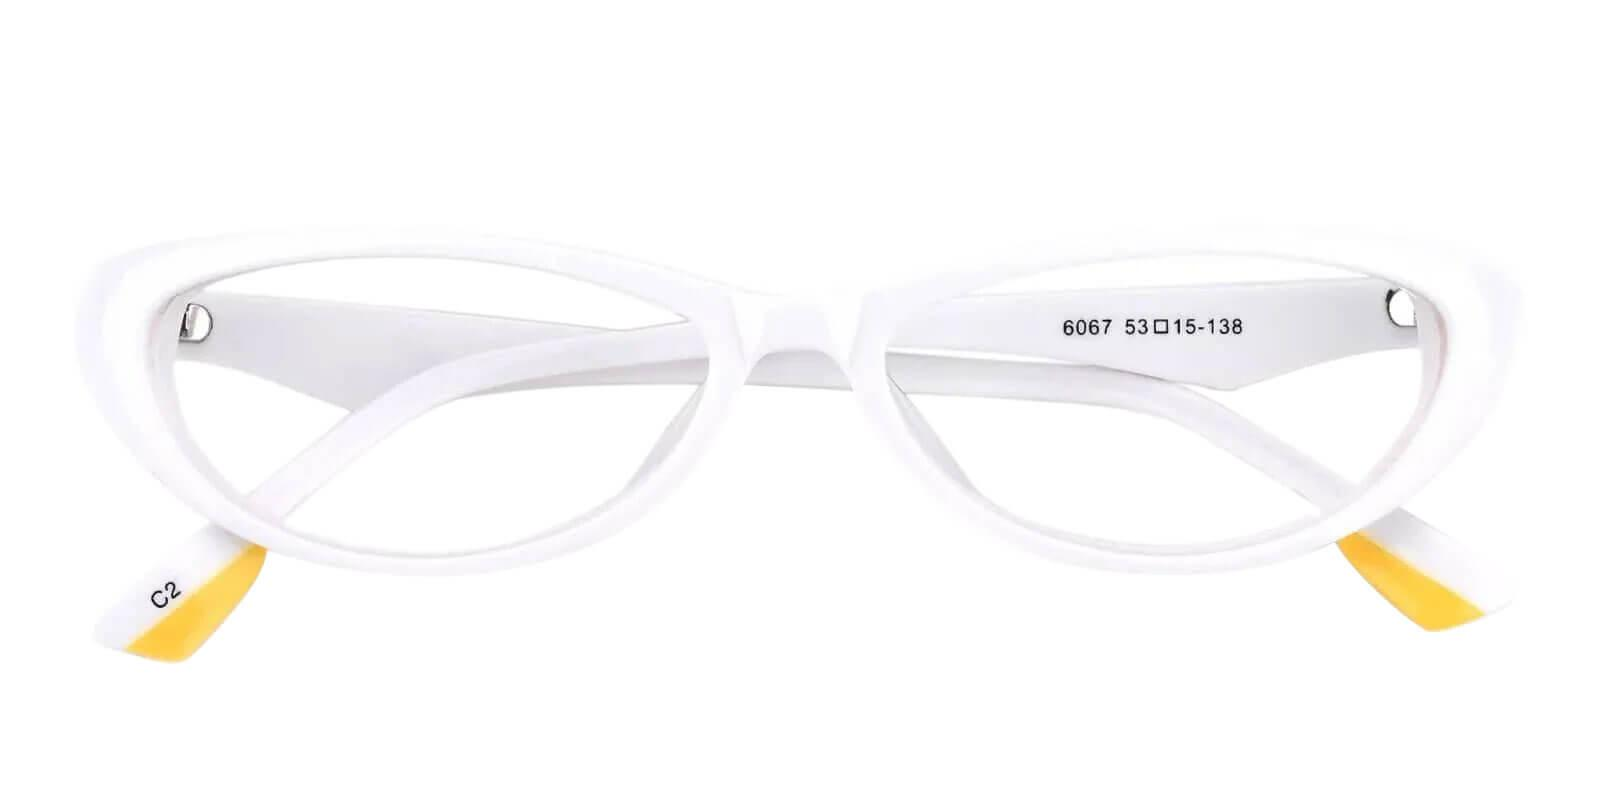 Nevaeh White Acetate Eyeglasses , UniversalBridgeFit Frames from ABBE Glasses